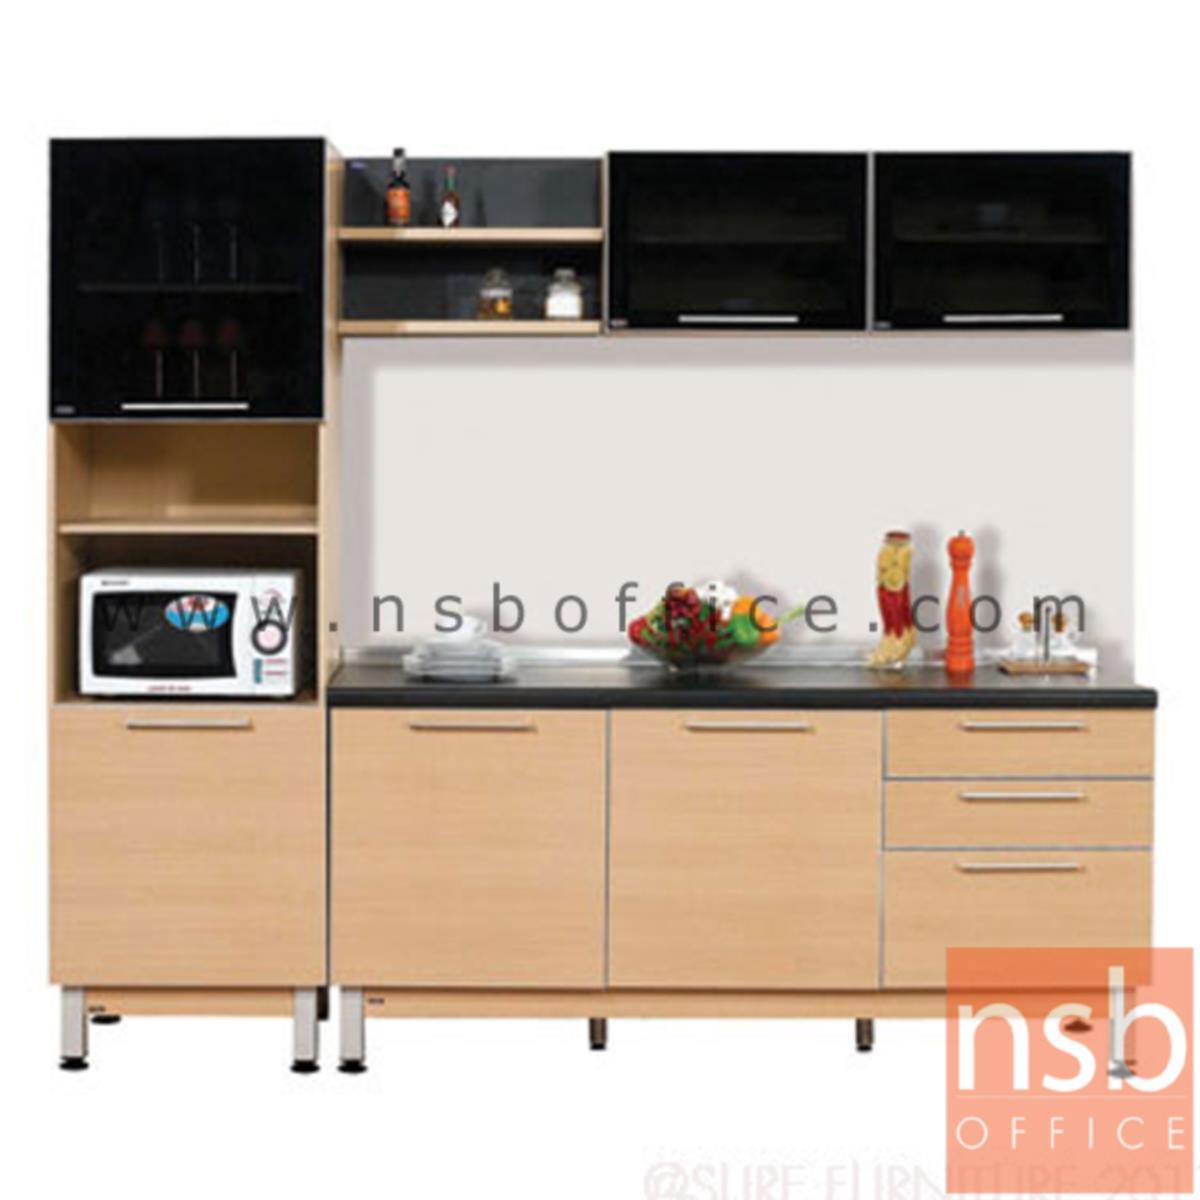 K02A015:ชุดตู้ครัวสีบีทดำ 240W cm. รุ่น STEP-152 (สำหรับครัวเปียกและครัวแห้ง)